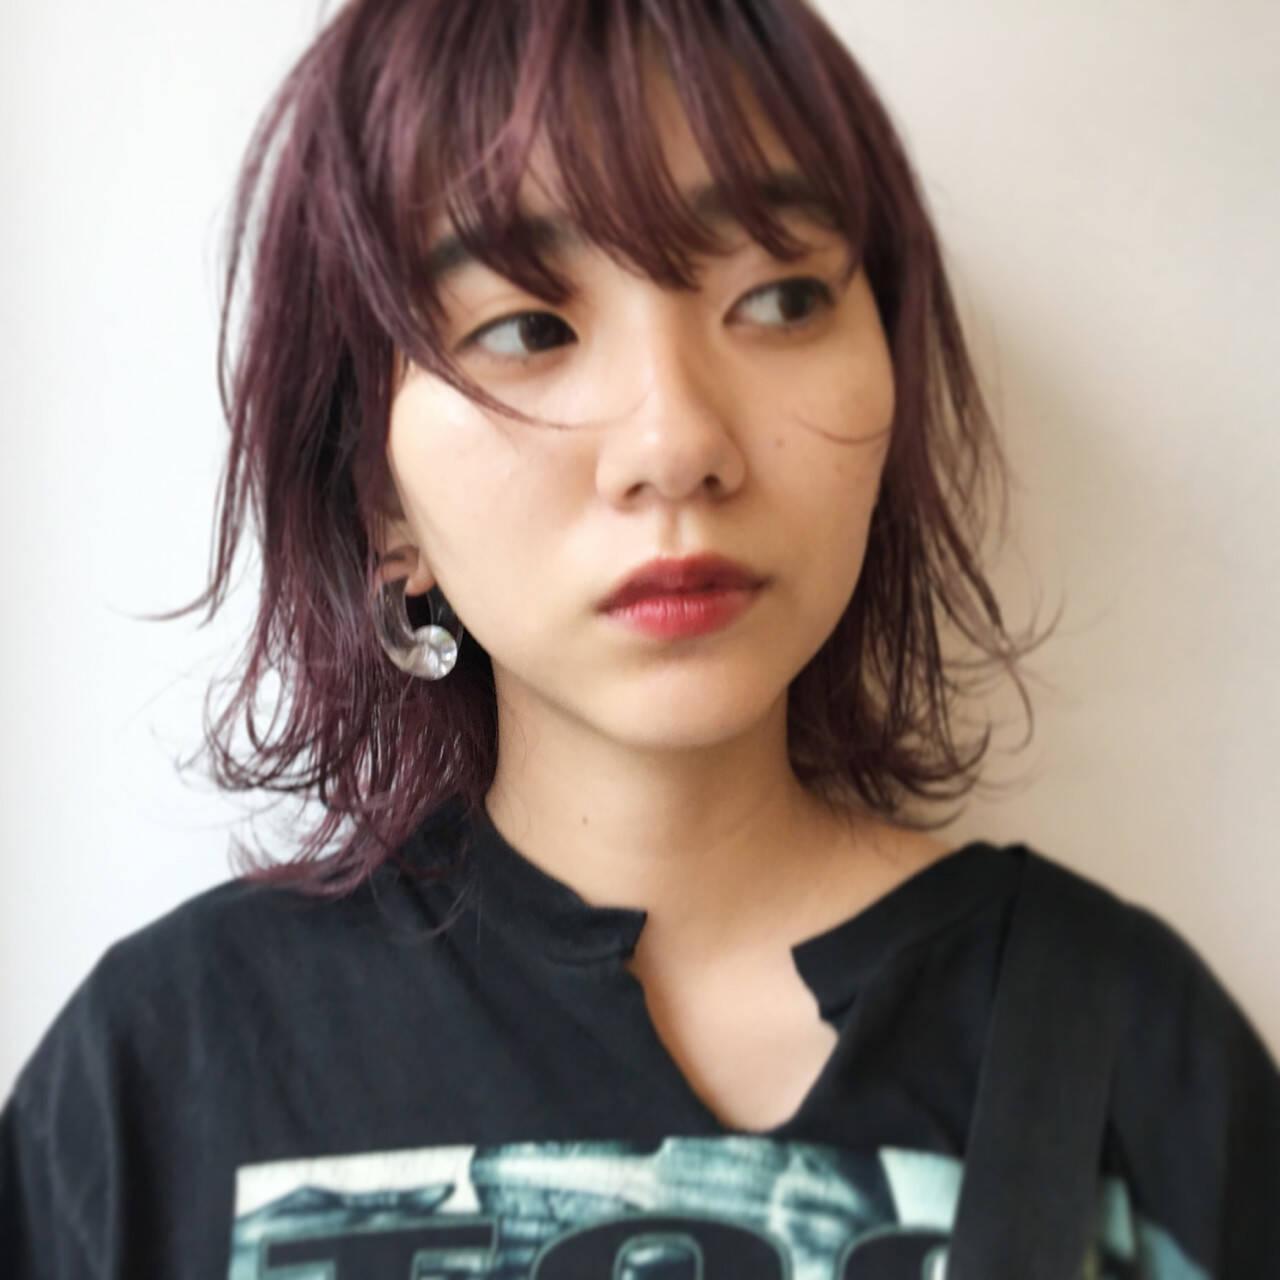 ミディアム ウェットヘア ダブルカラー ストリートヘアスタイルや髪型の写真・画像